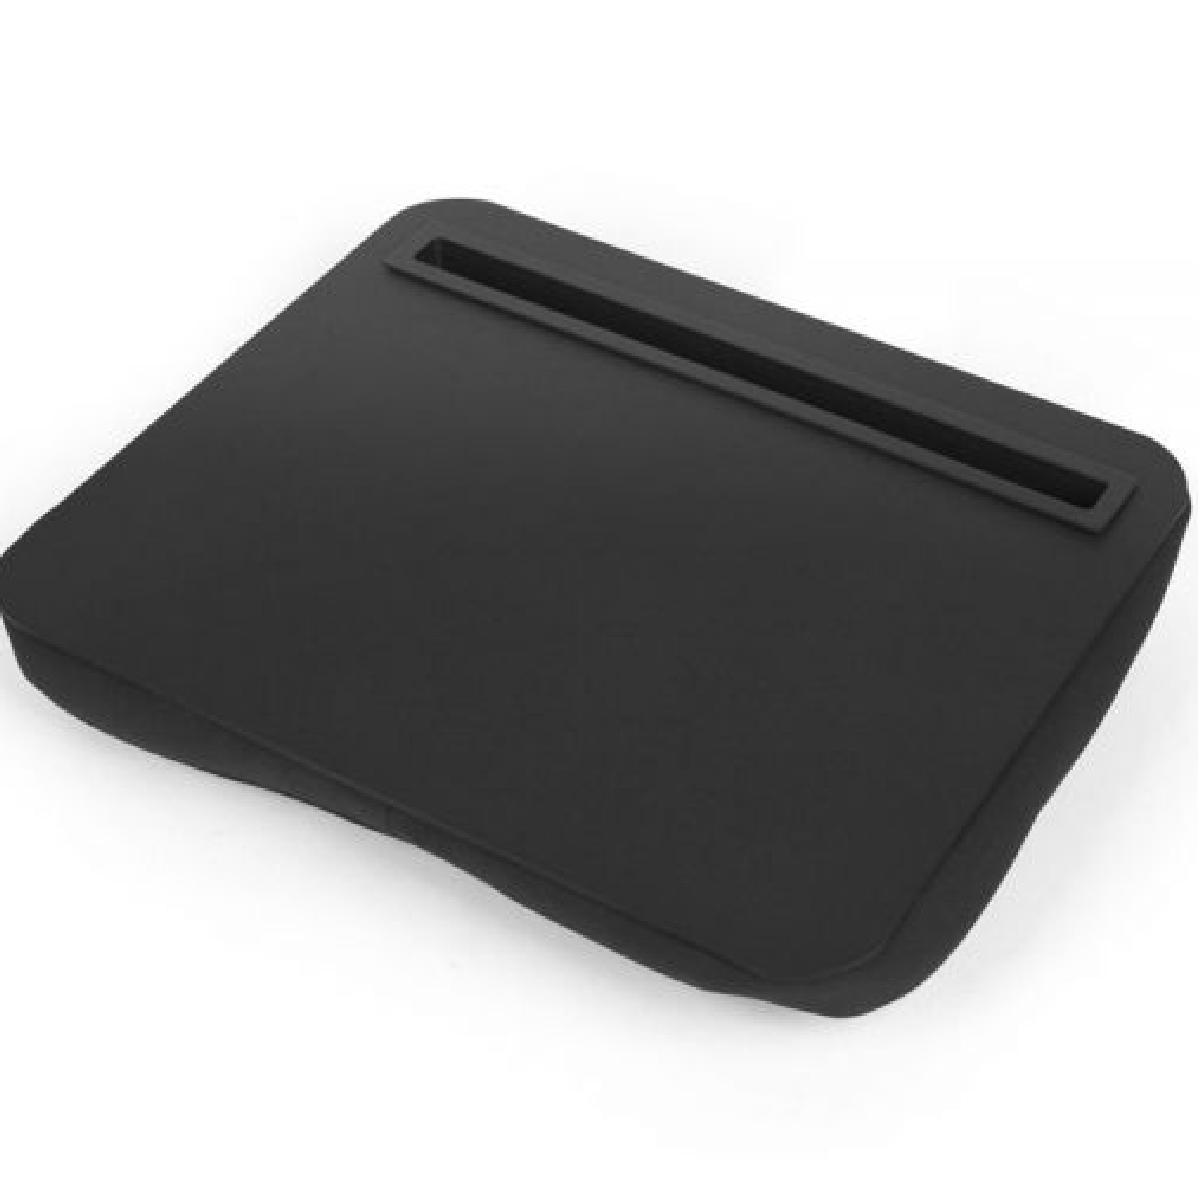 cadeaux 2 ouf id es de cadeaux insolites et originaux le plateau repas avec support de tablette. Black Bedroom Furniture Sets. Home Design Ideas